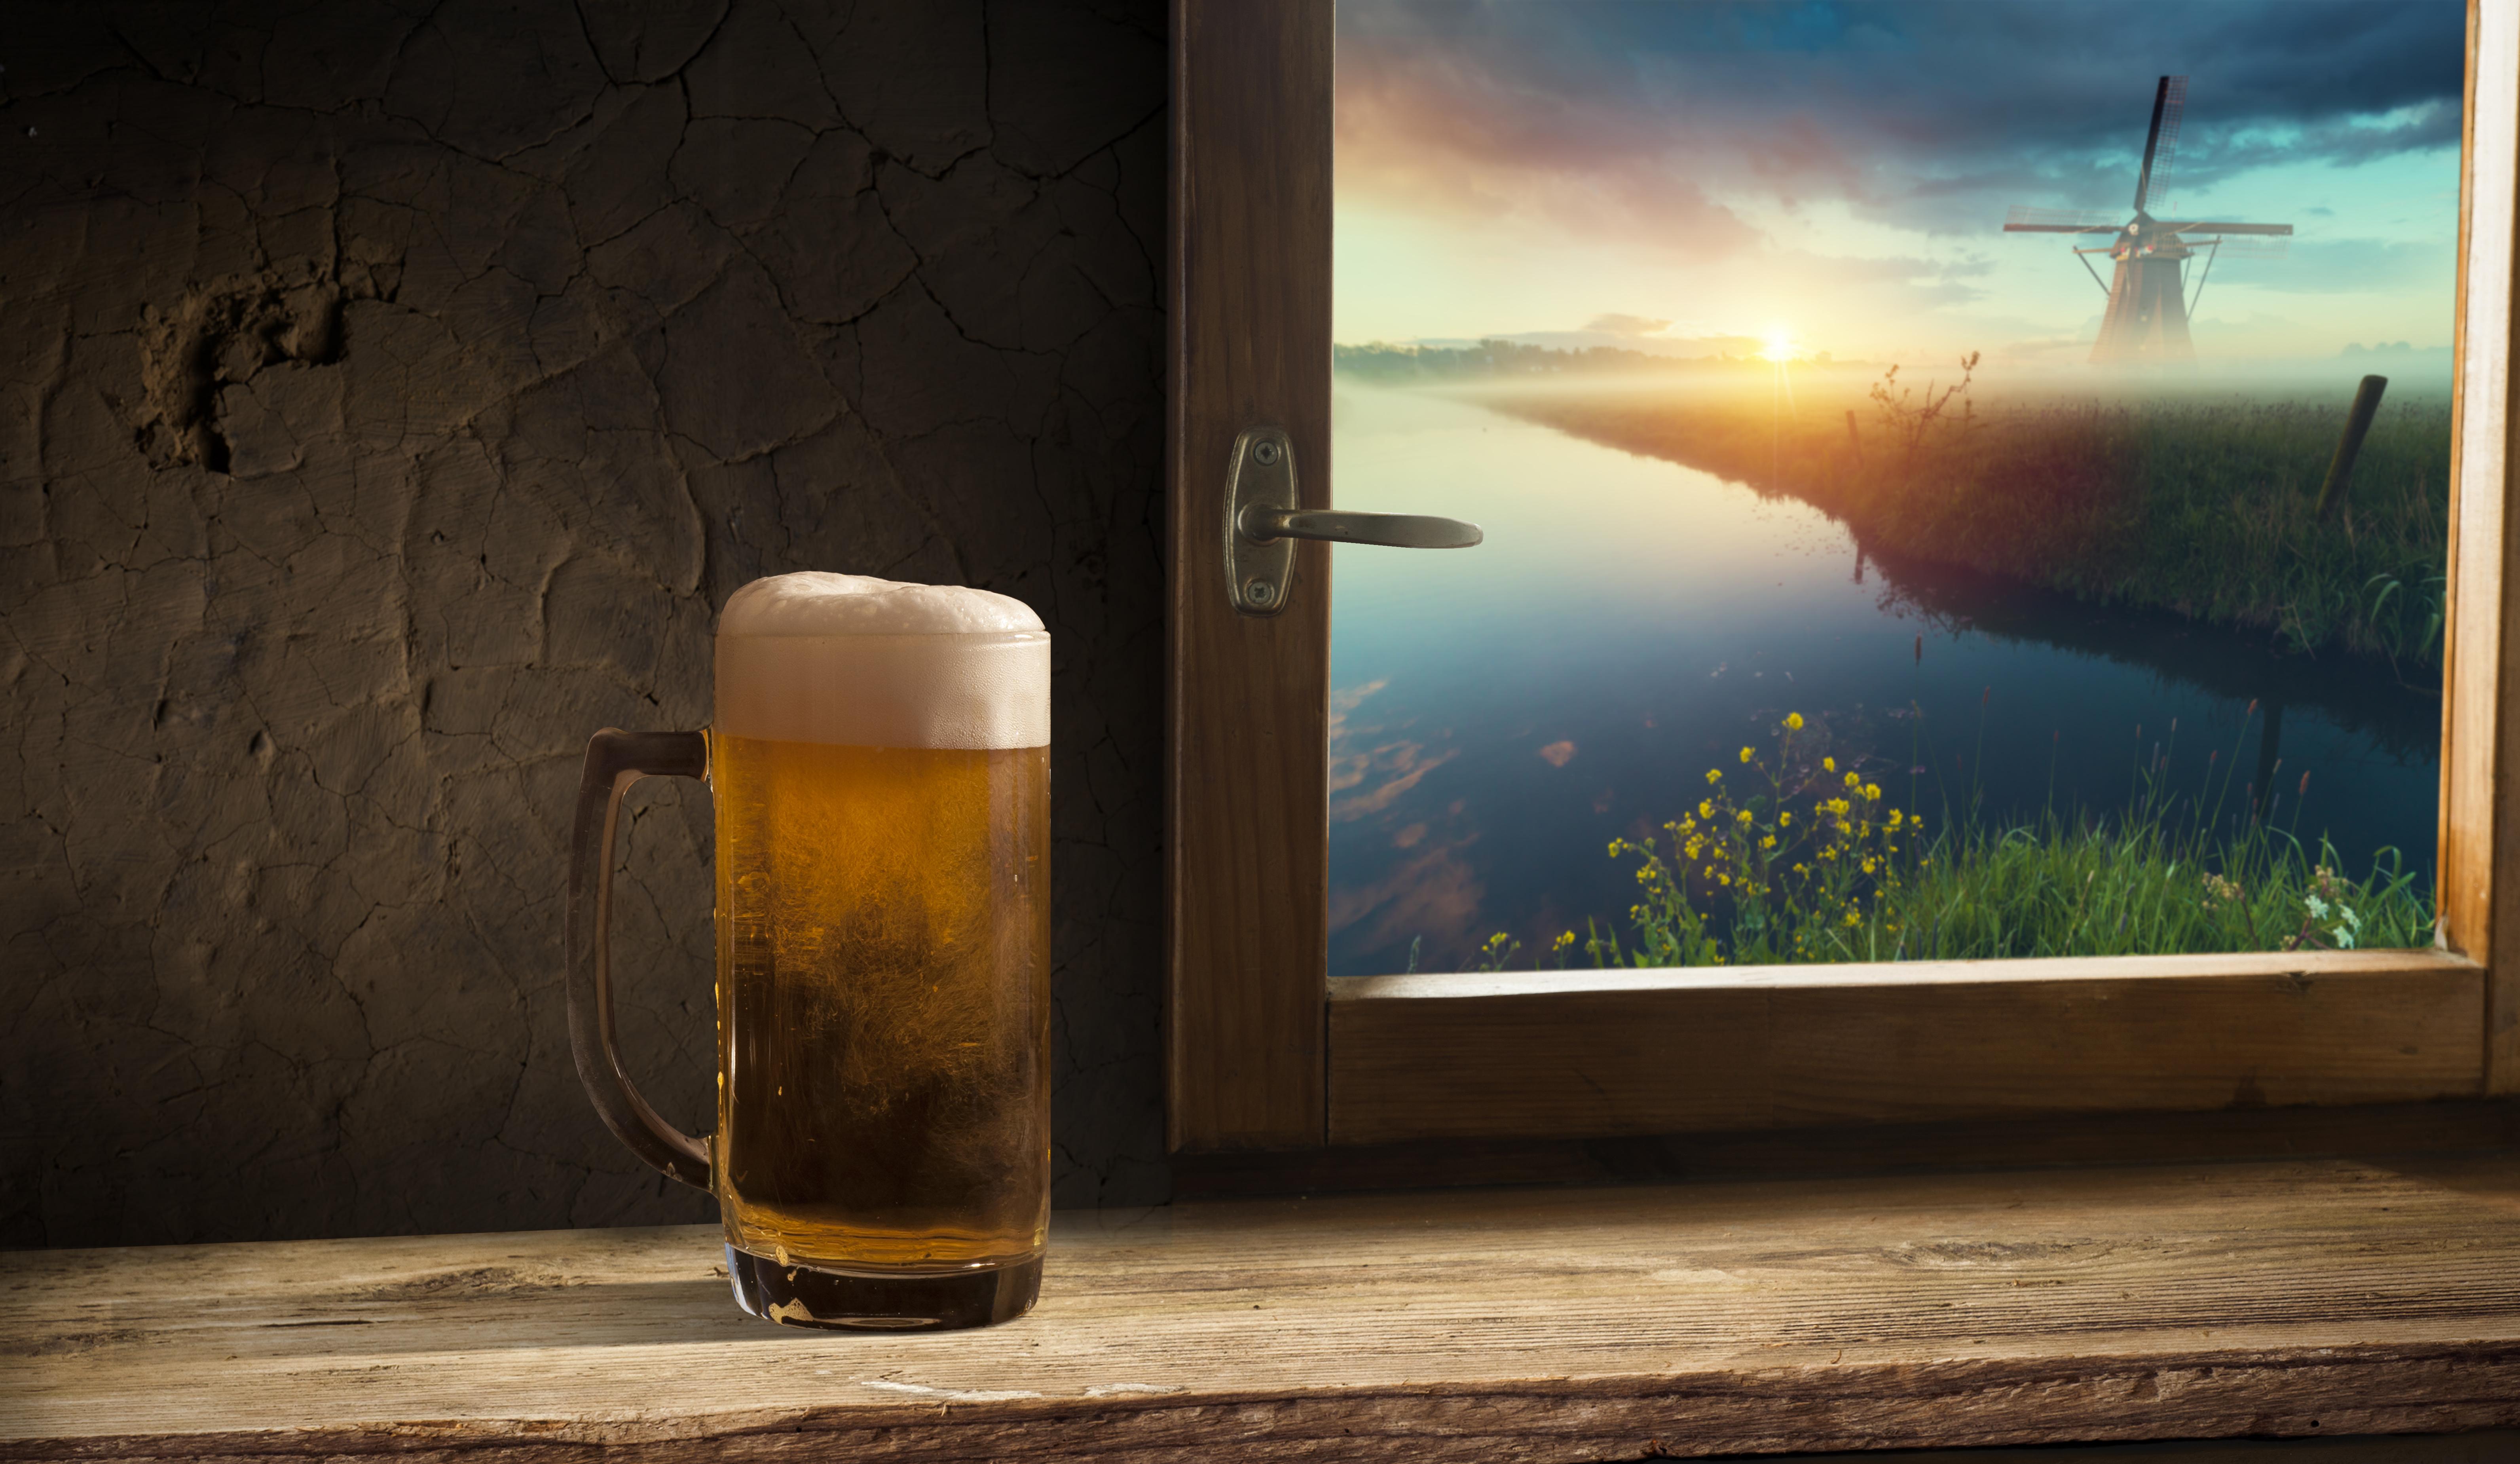 תענוג אמיתי לחובבי בירה ותרבות שתייה